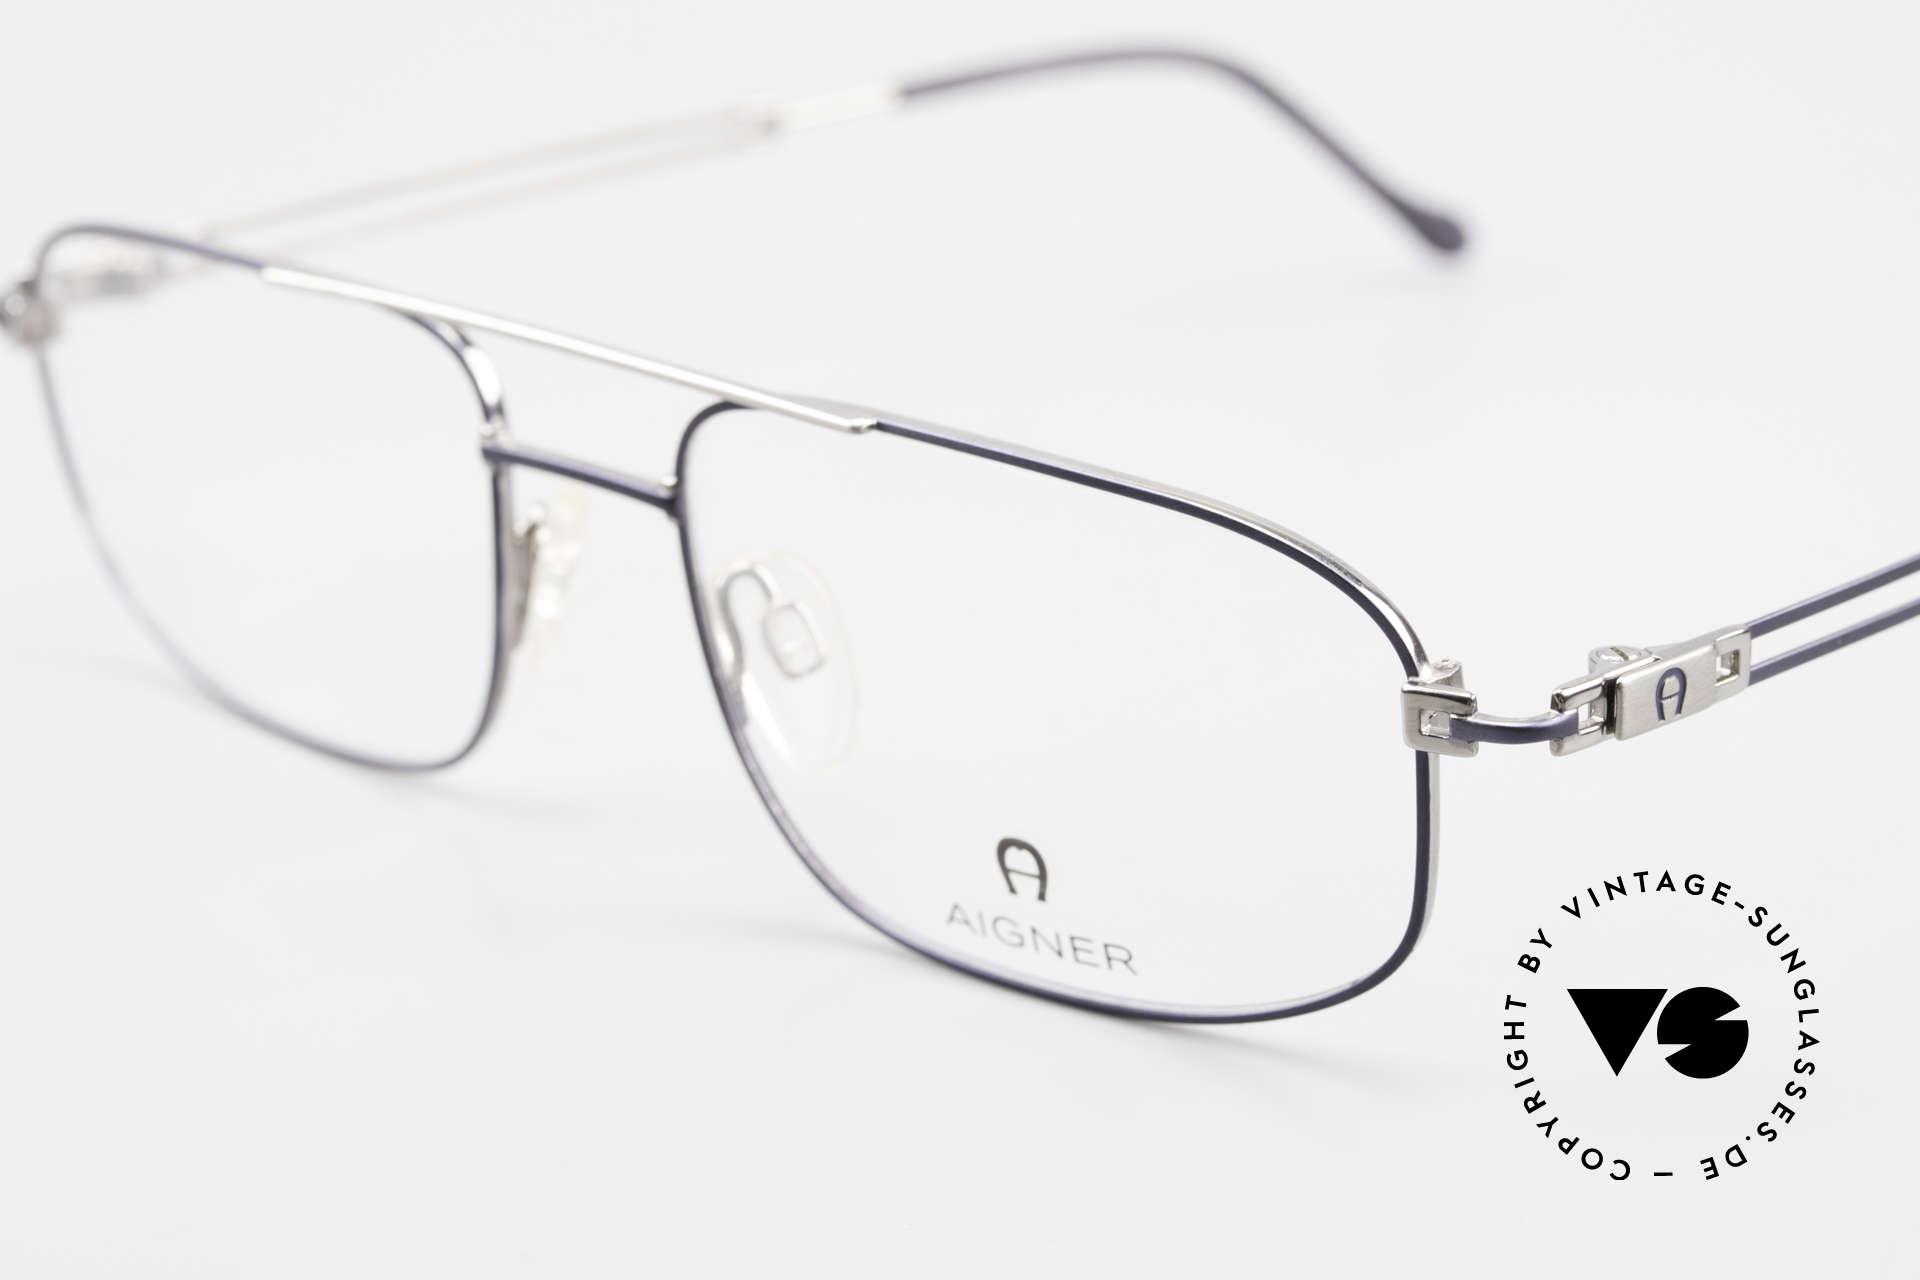 Aigner EA9111 90er Herrenfassung Metall, unbenutzte Lagerware (wie alle unsere AIGNER Brillen), Passend für Herren